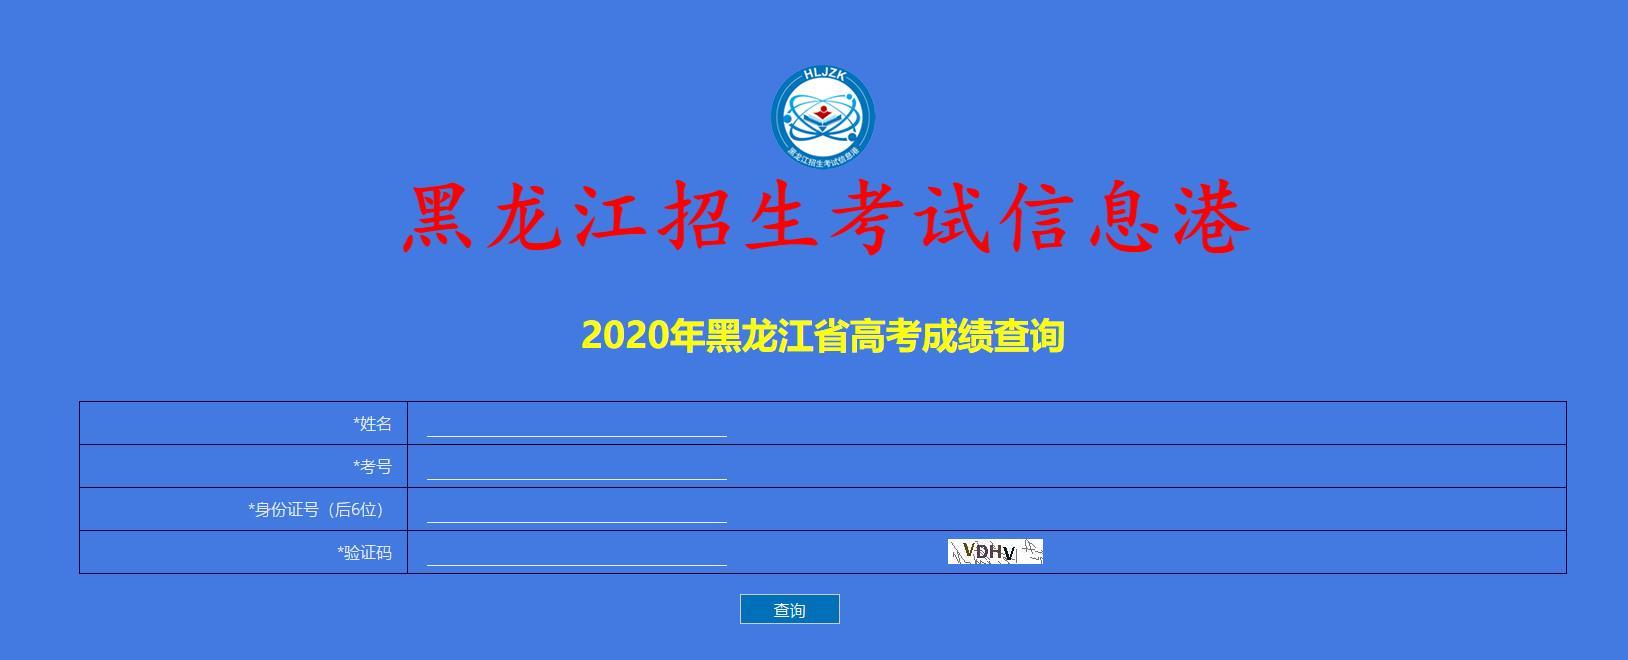 2020黑龙江高考成绩查询入口